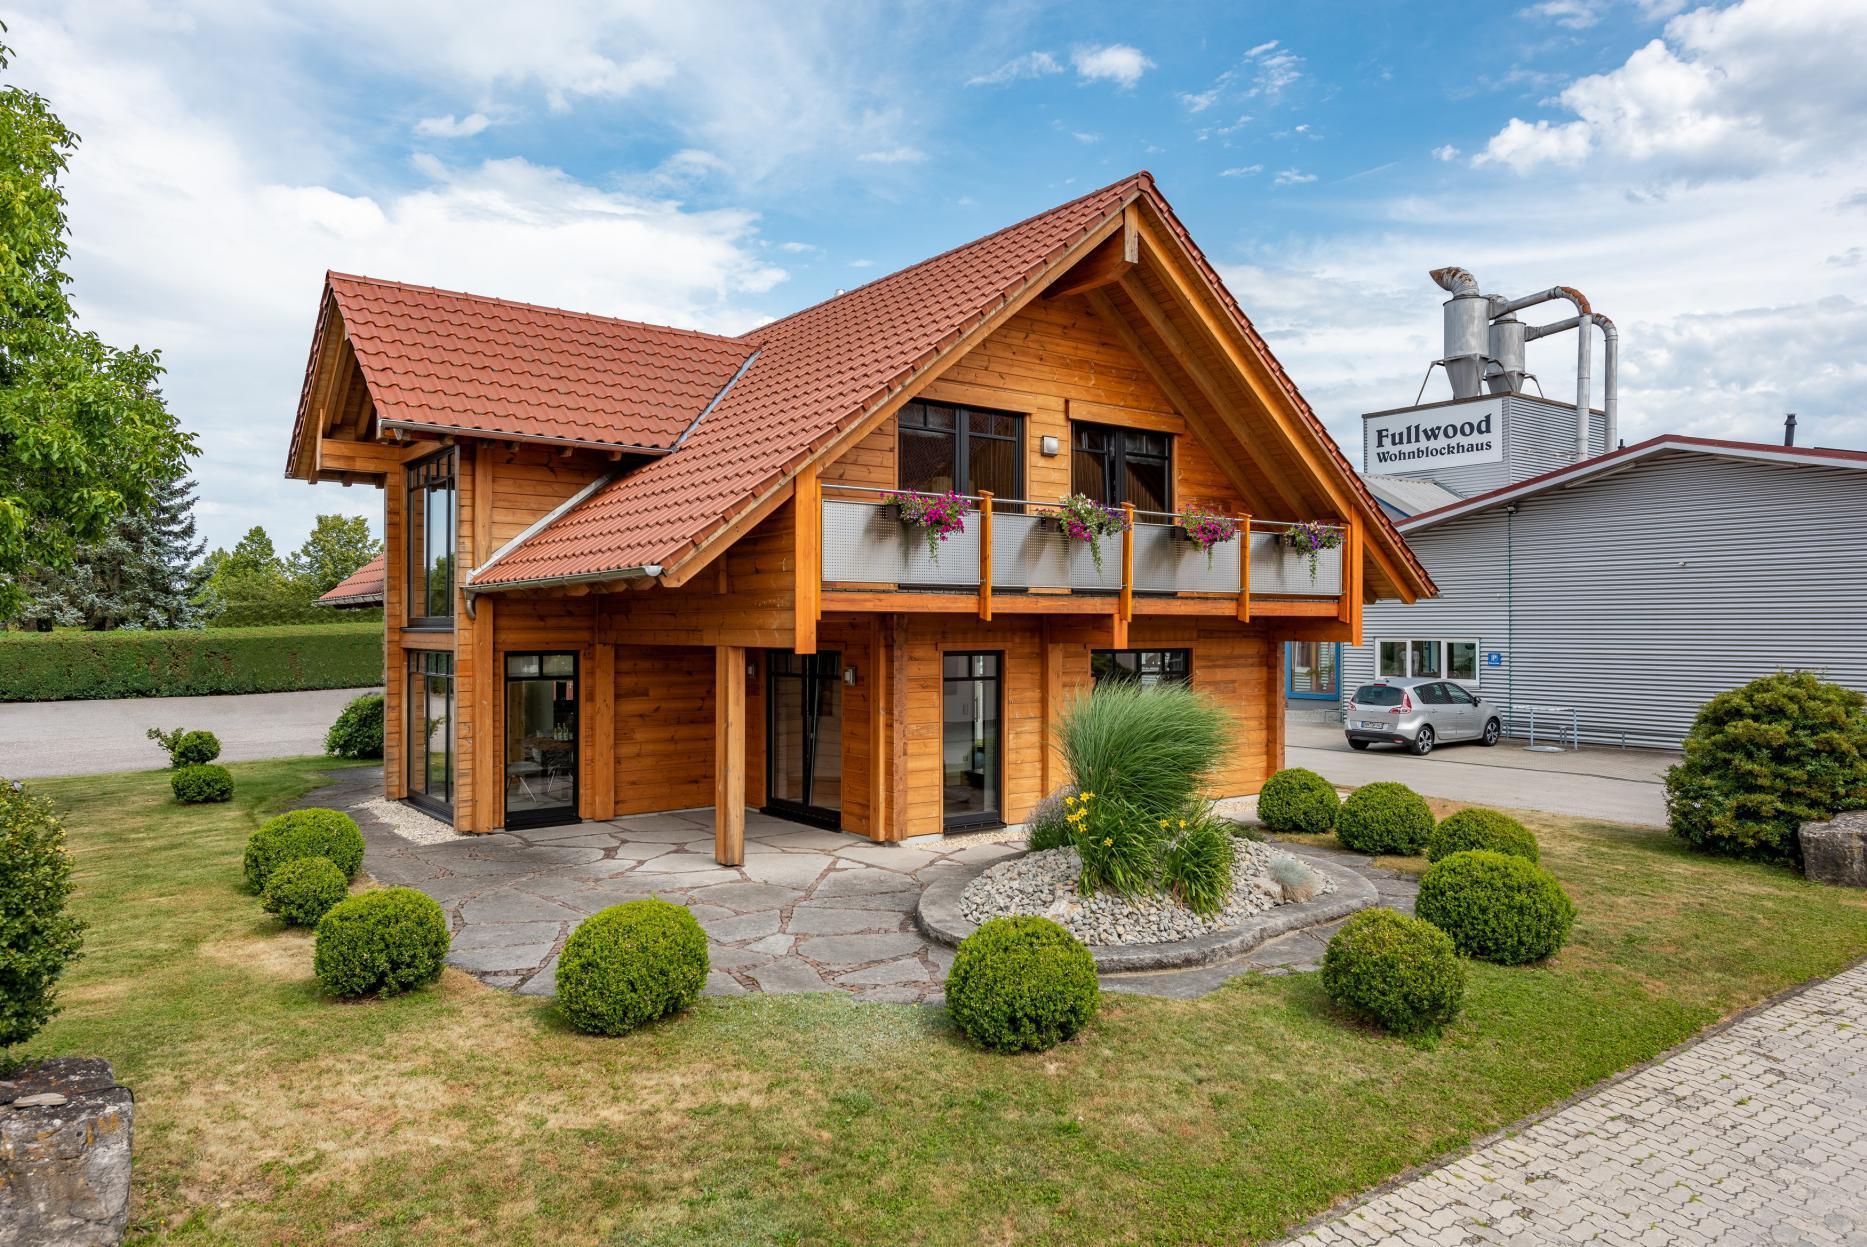 Dieses Fullwood Blockhaus steht in Wolpertshausen Foto: Fullwood Wohnblockhaus